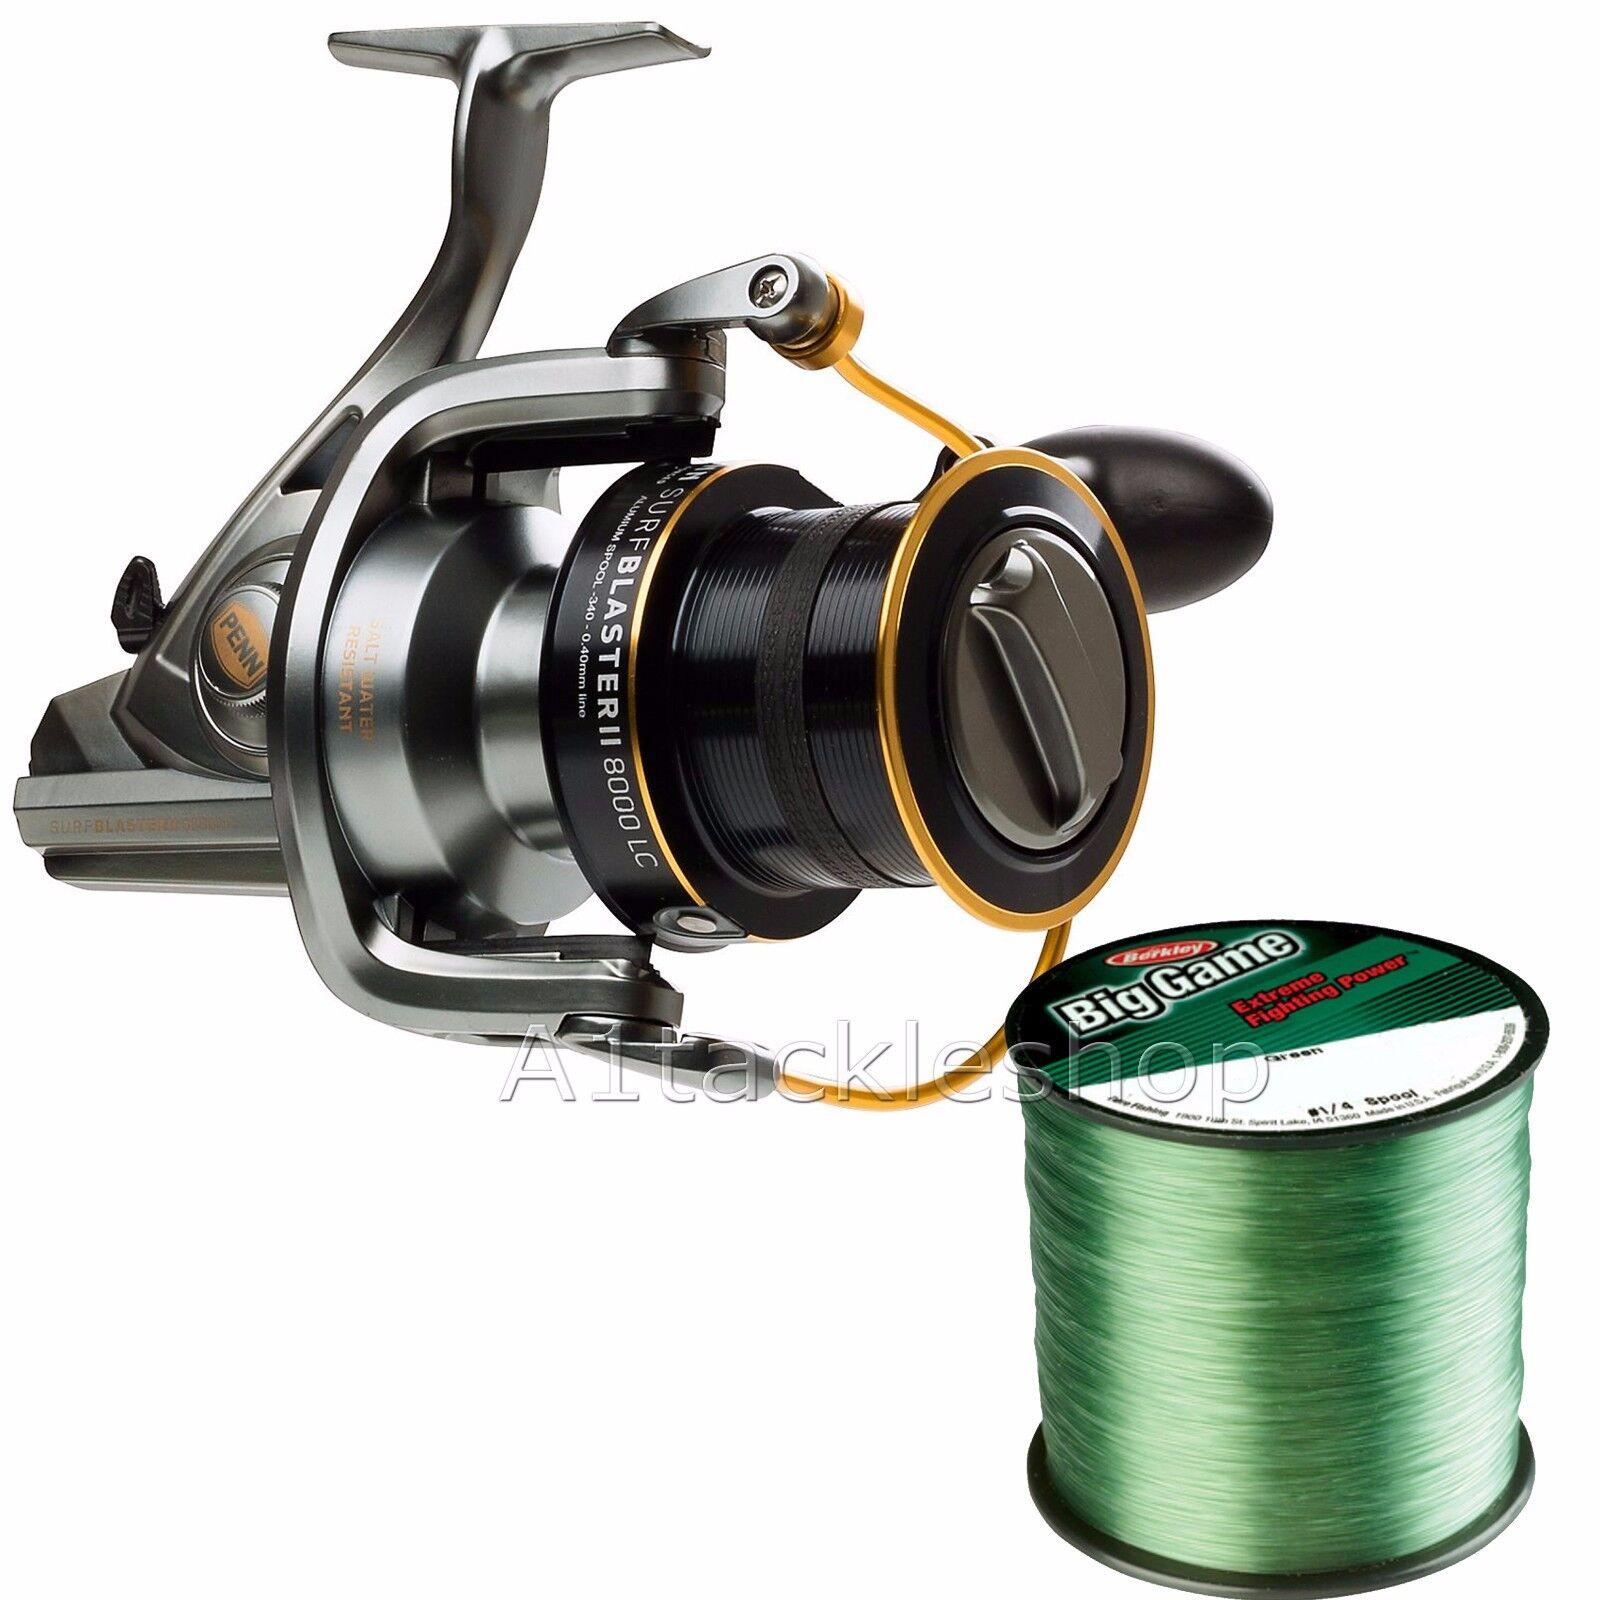 Penn Surfblaster II 8000 Fishing Reel & Free Berkley Big Game Line